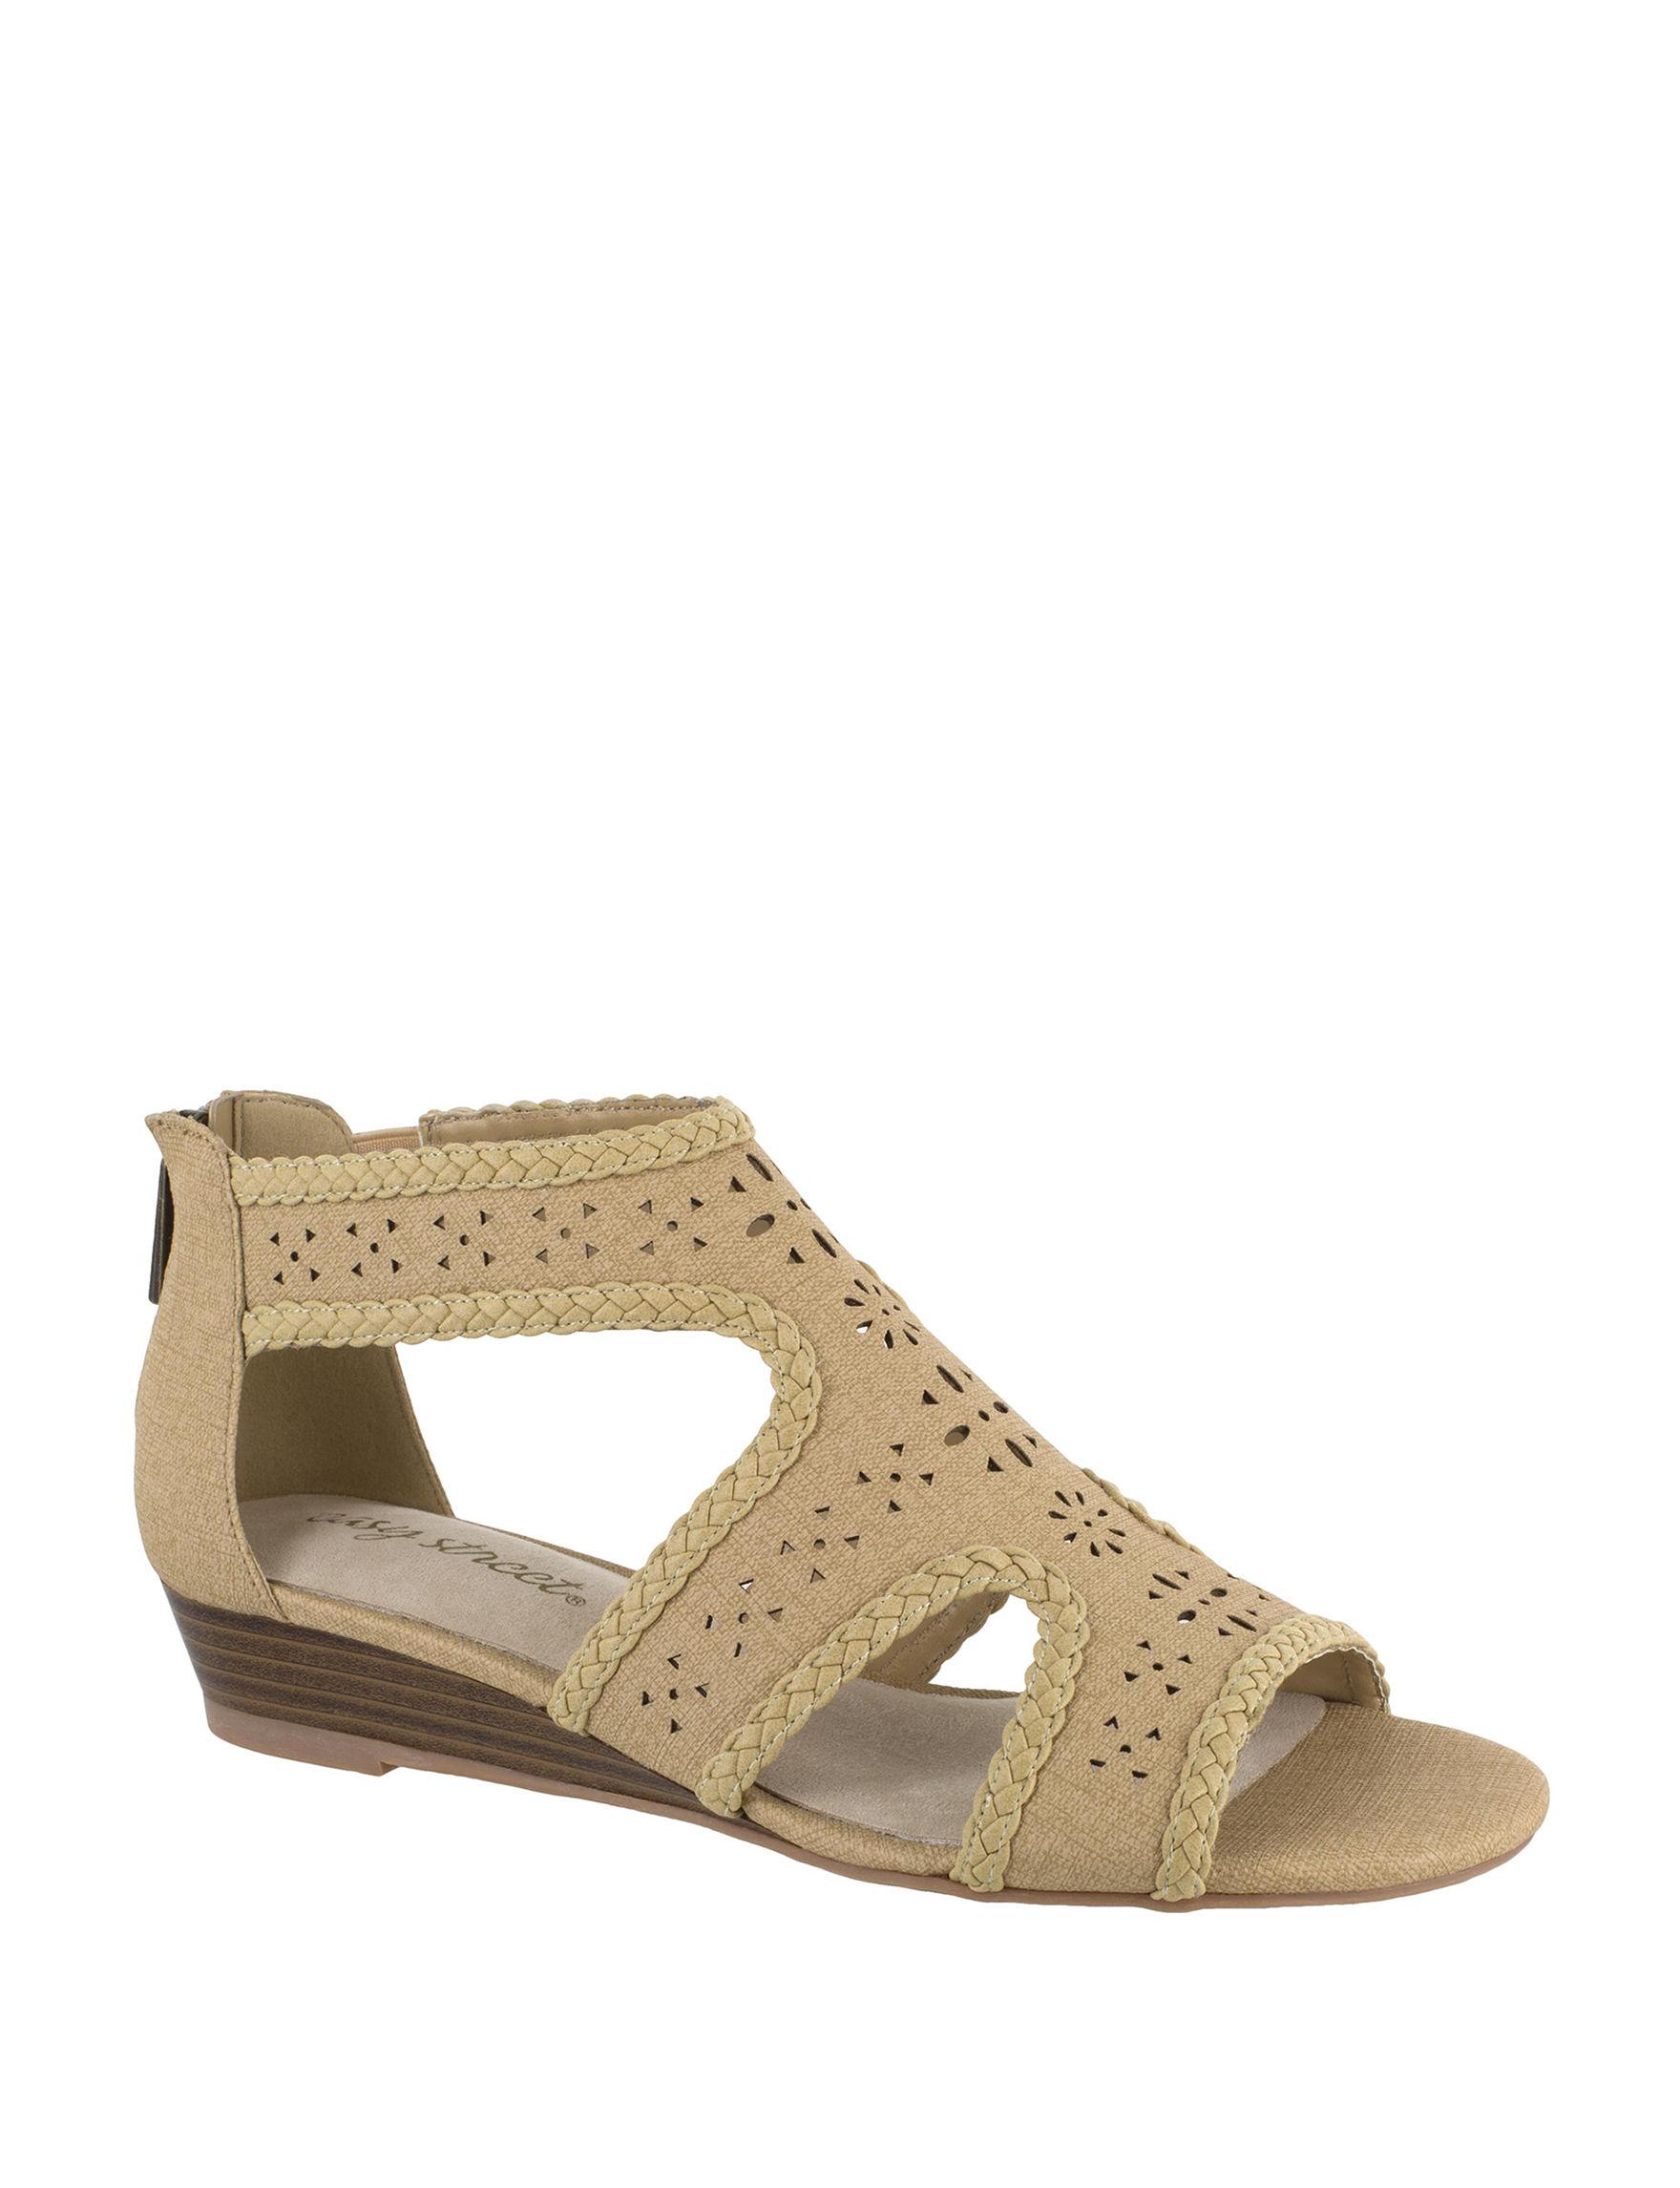 Easy Street Tan Wedge Sandals